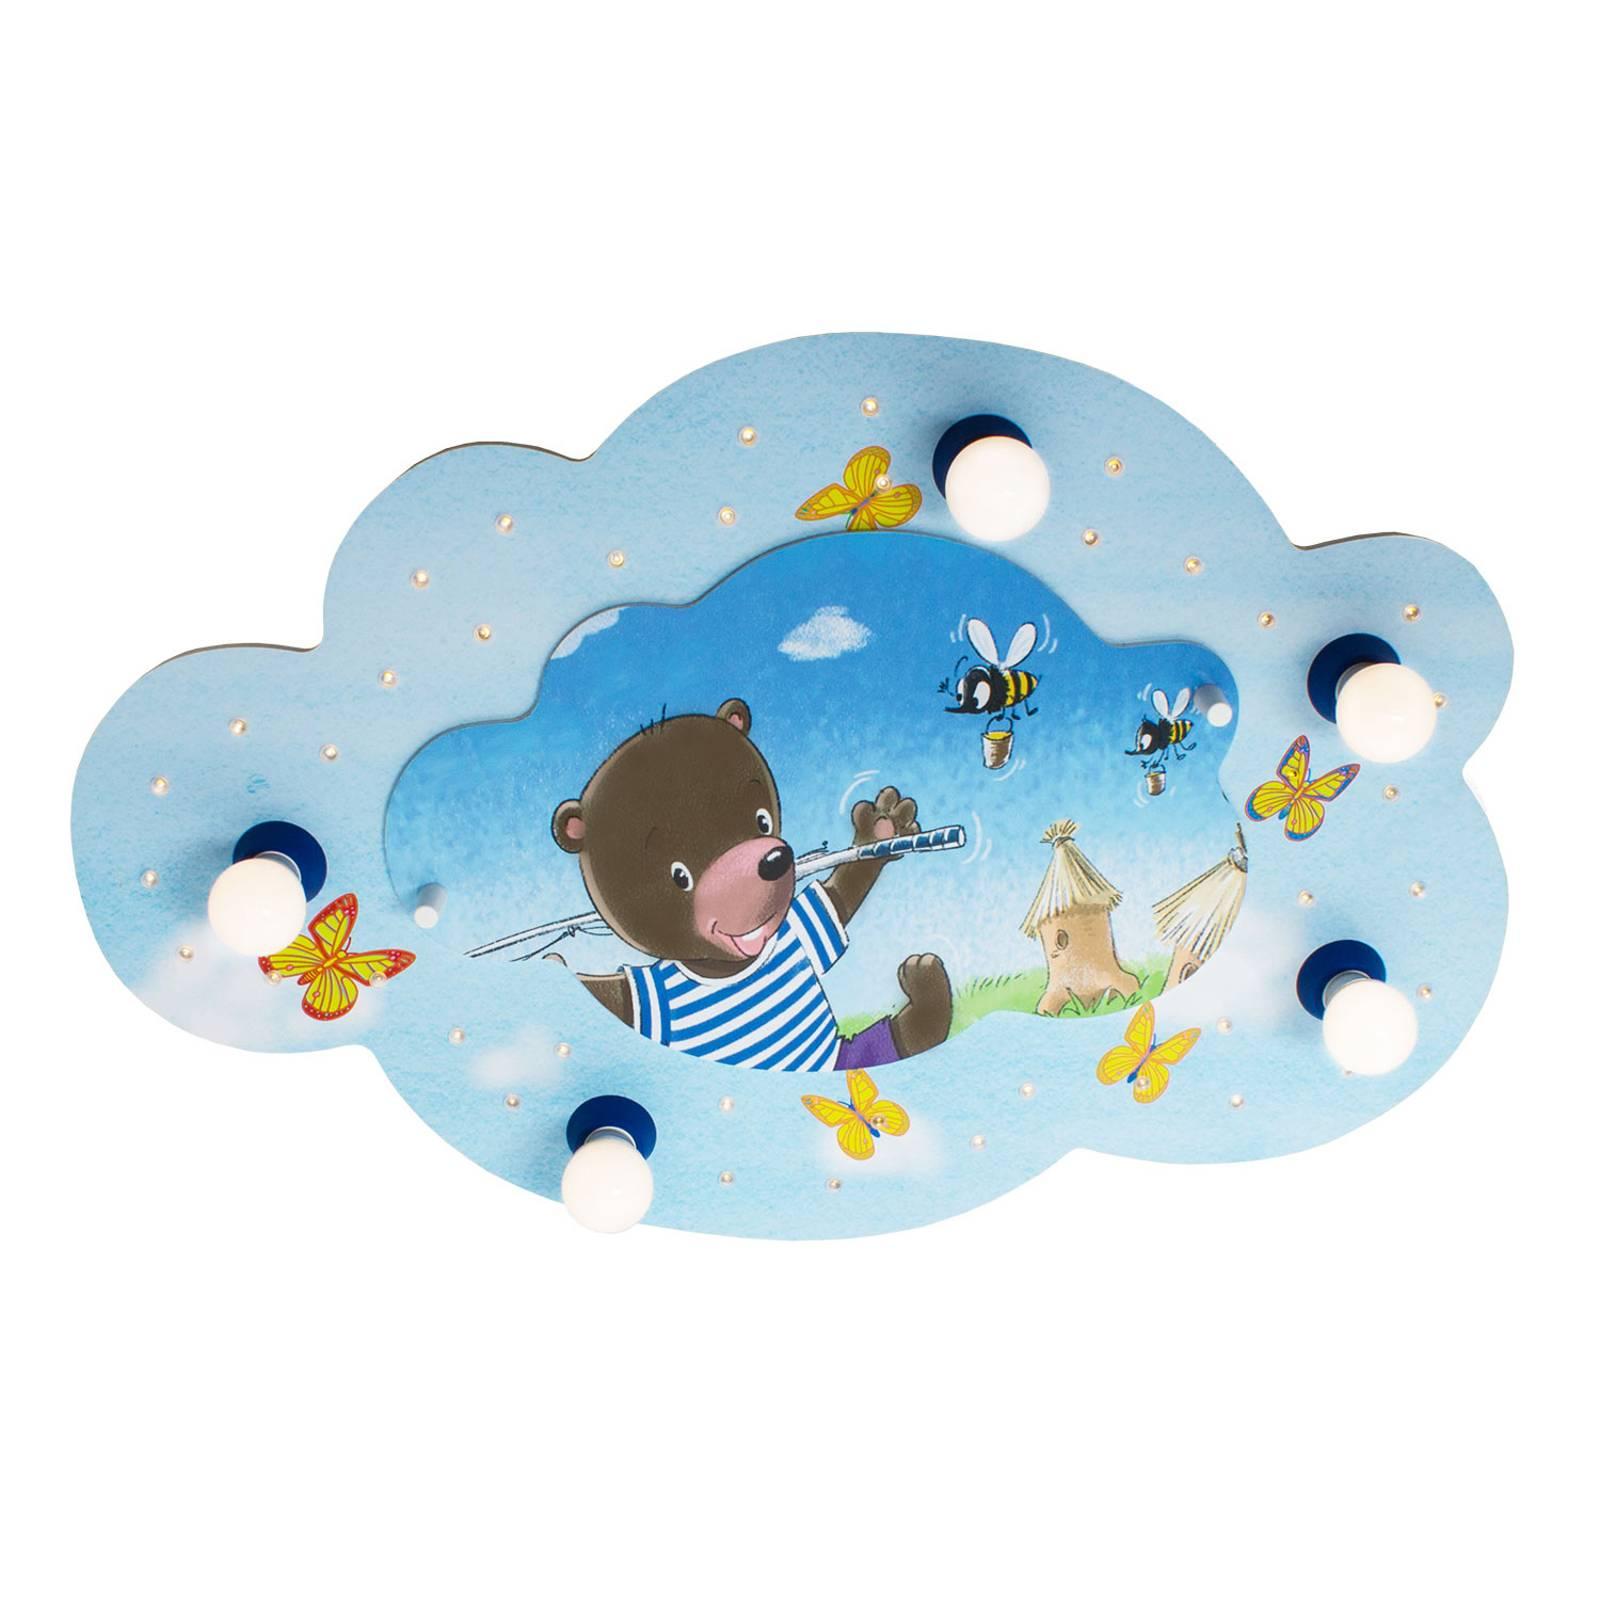 Lampa sufitowa Miś z wędką chmura, niebieska